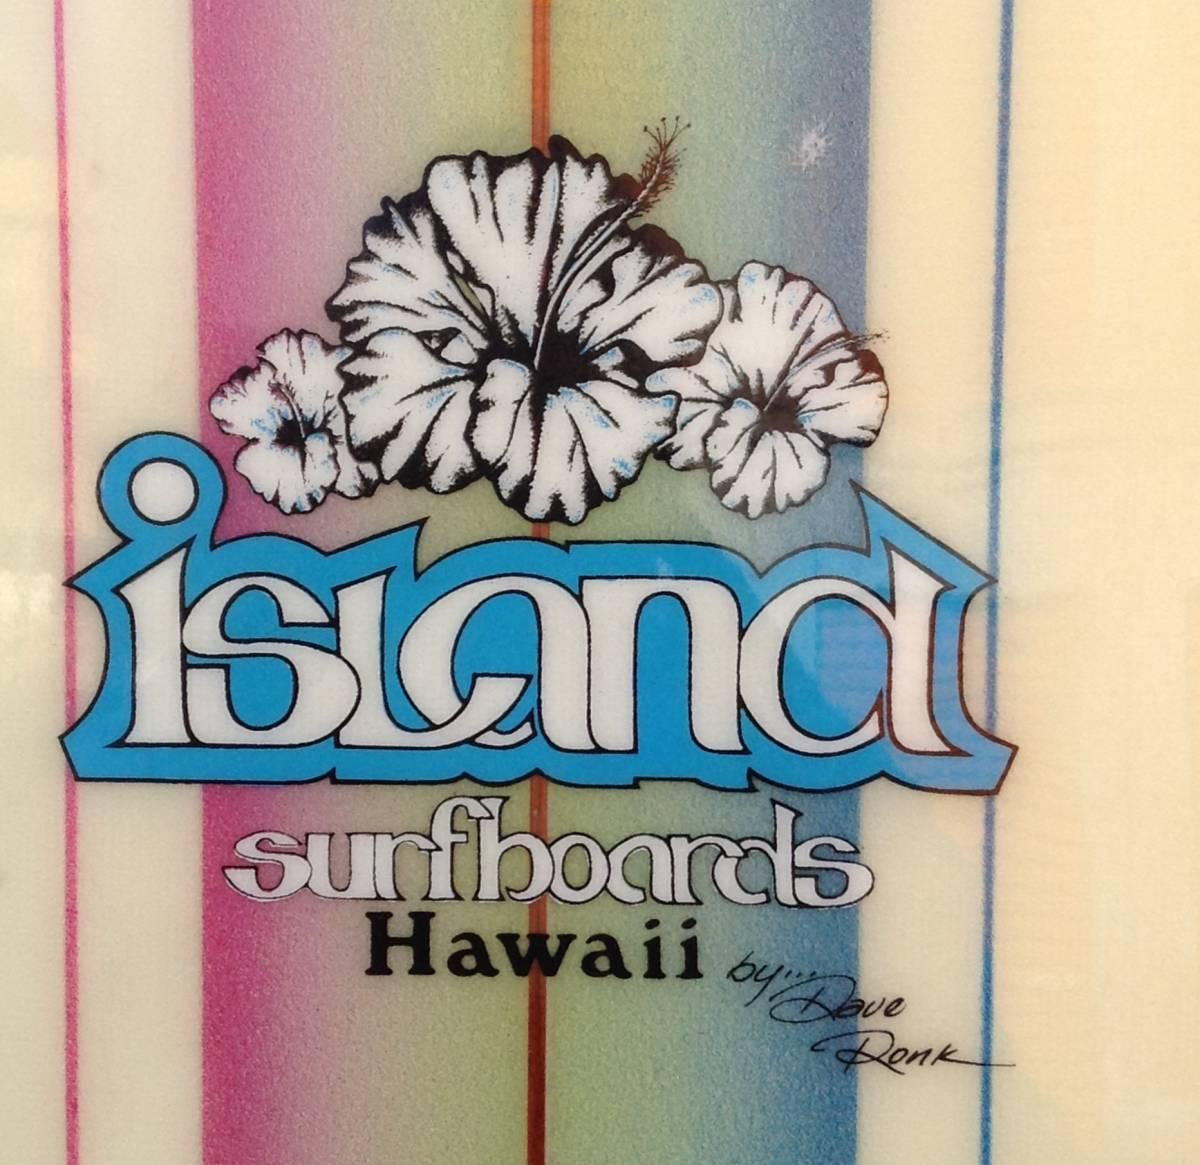 サーフボード ☆ ISLAND SURFBOARDS HAWAII ☆ 6.7FT ≒ 201cm レインボー ストライプ ☆ ビンテージ ☆_フィンは無し